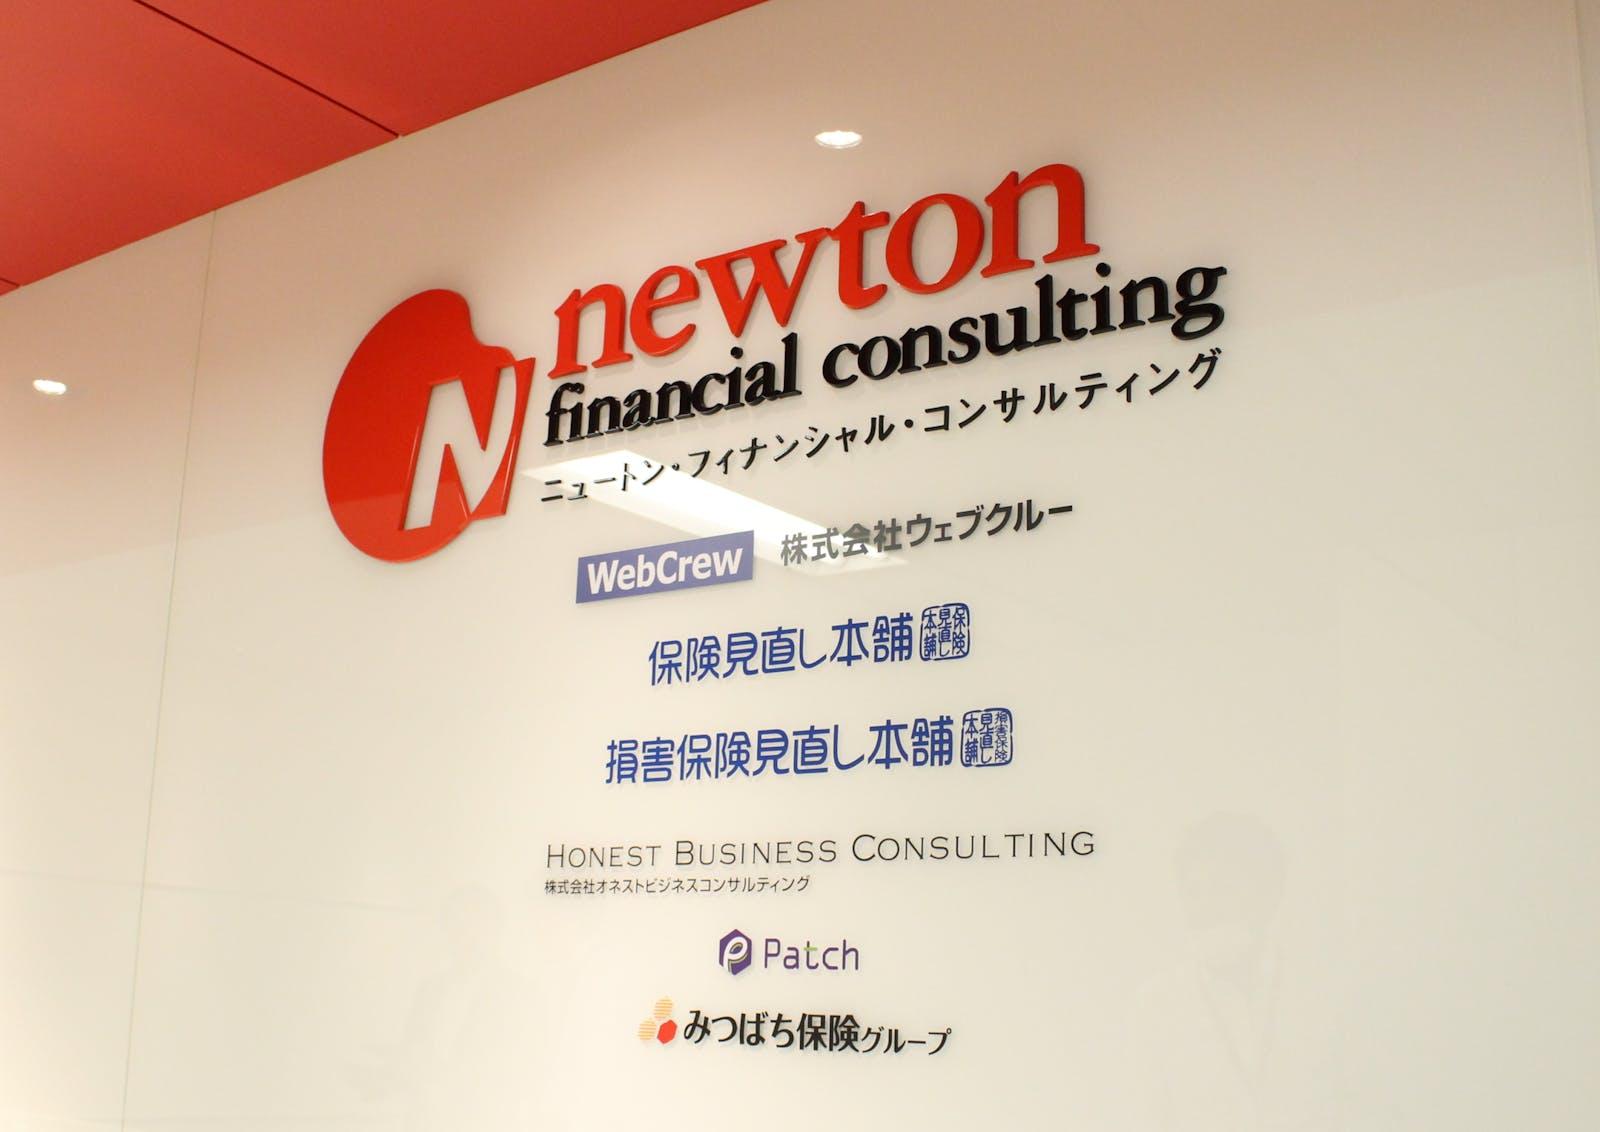 株式会社ニュートン・フィナンシャル・コンサルティングのアイキャッチ画像